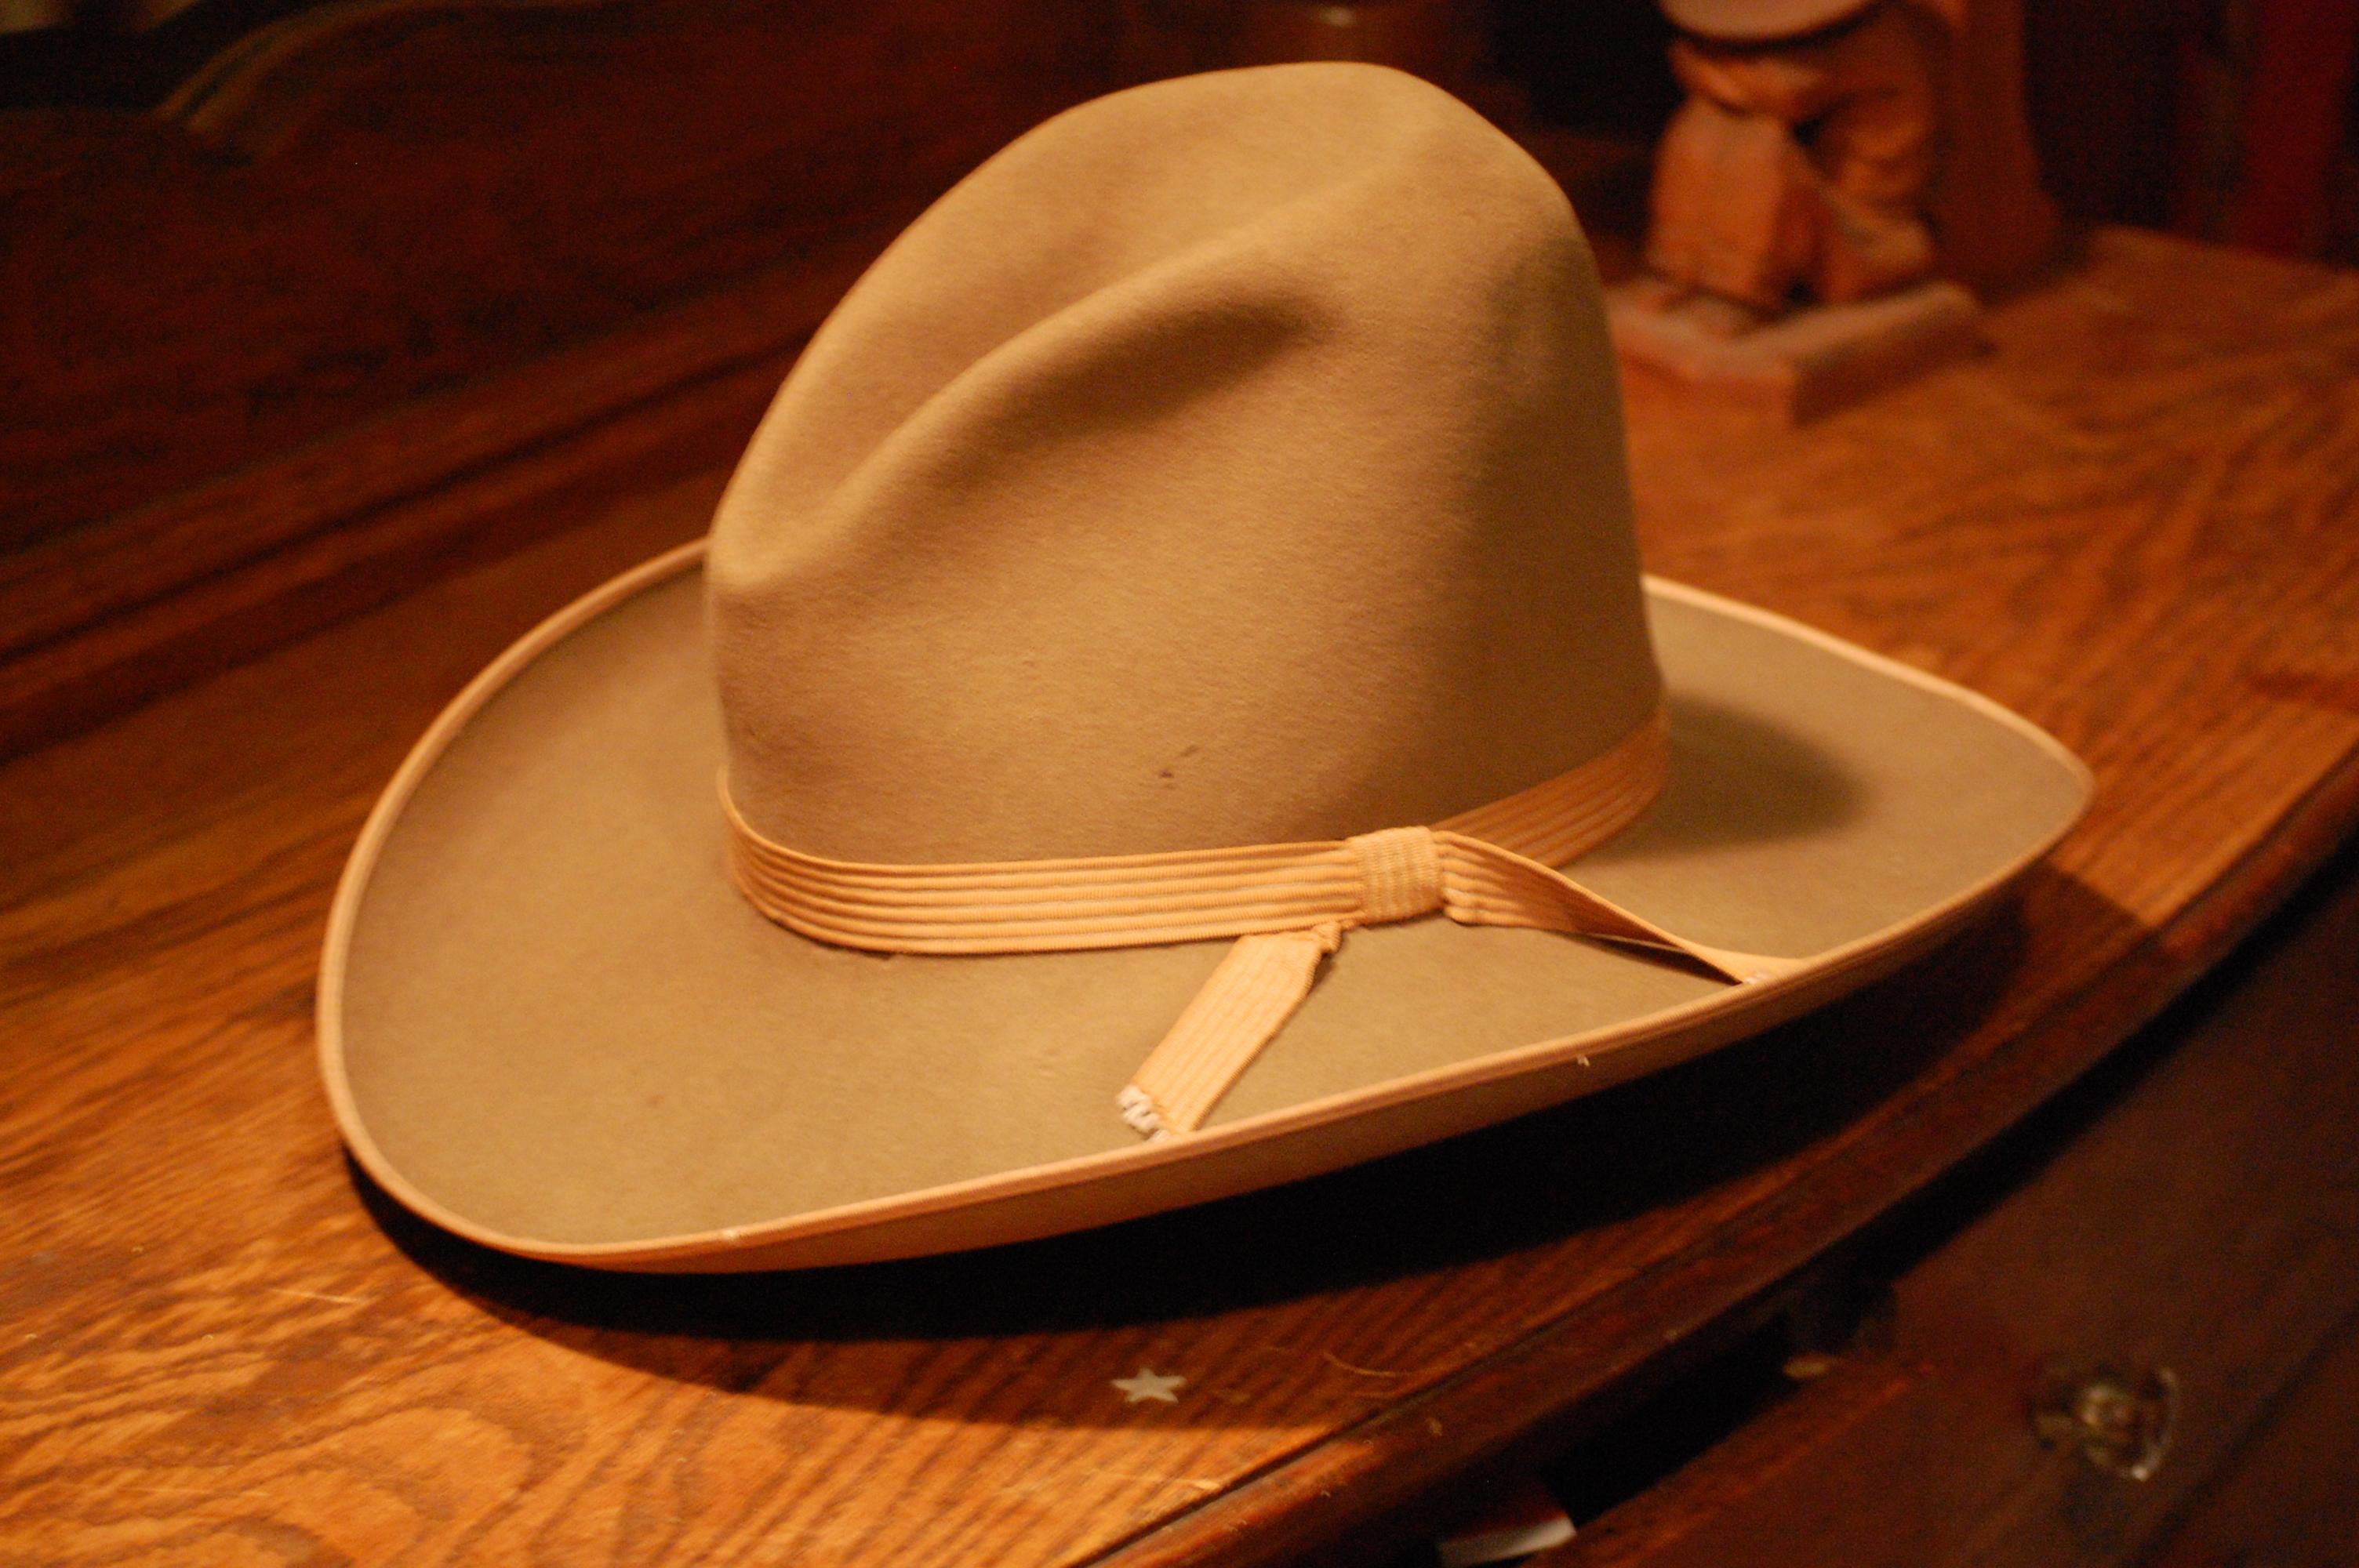 Cowboy Hat Images File:stetson Cowboy Hat 1950